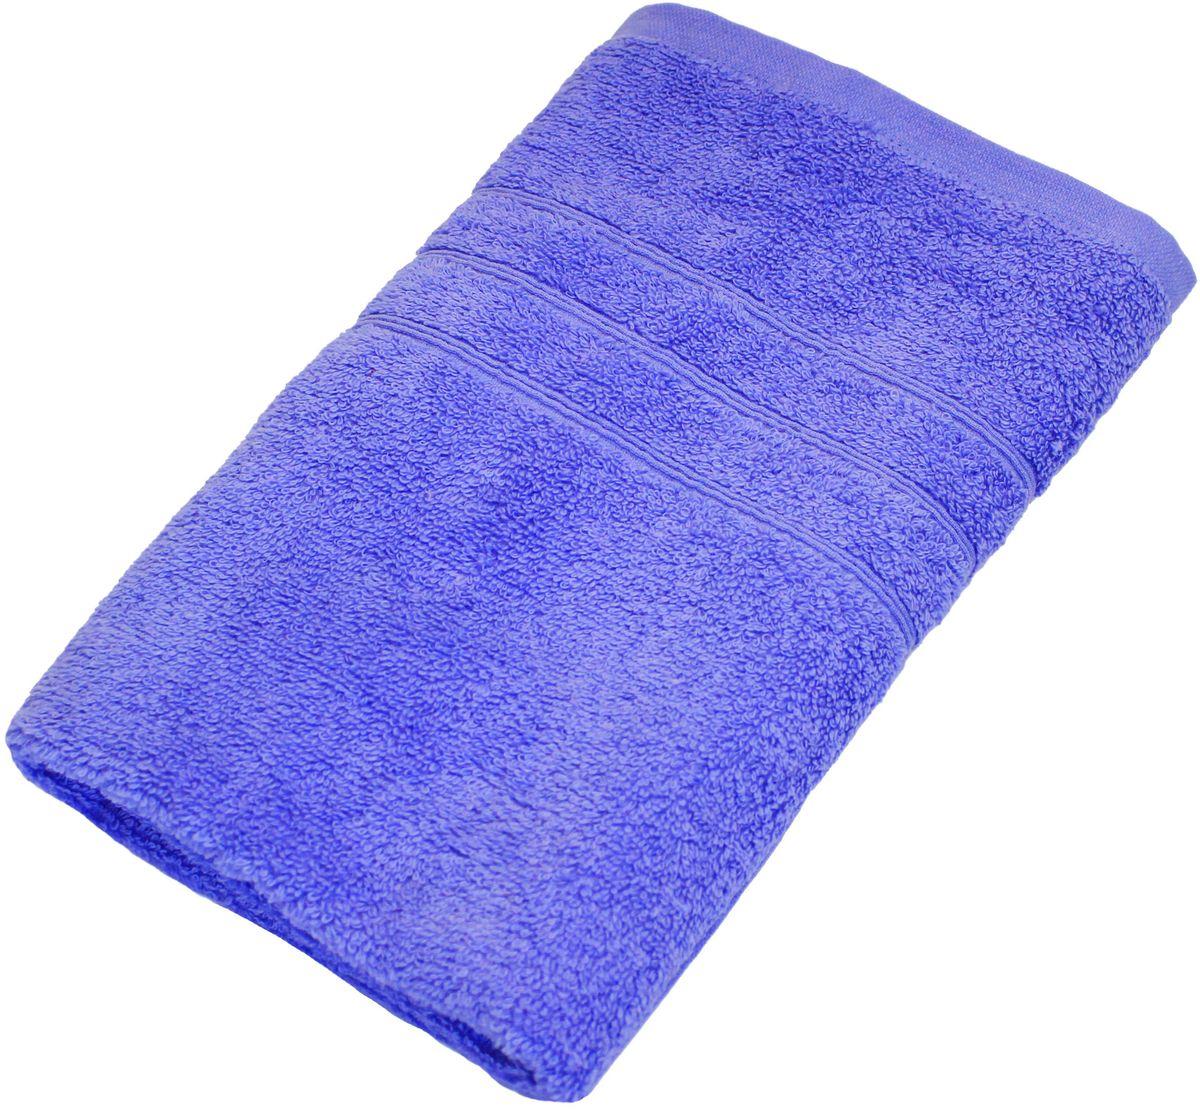 Полотенце Proffi Home Модерн, цвет: синий, 50 x 100 смU210DFМягкое махровое полотенцеProffi Home Модерн отлично впитывает влагу и быстро сохнет, приятно в него завернуться после принятия ванны или посещения сауны. Поэтому данное махровое полотенце можно использовать в качестве душевого, банного или пляжного полотенца. Состав: 100% хлопок.